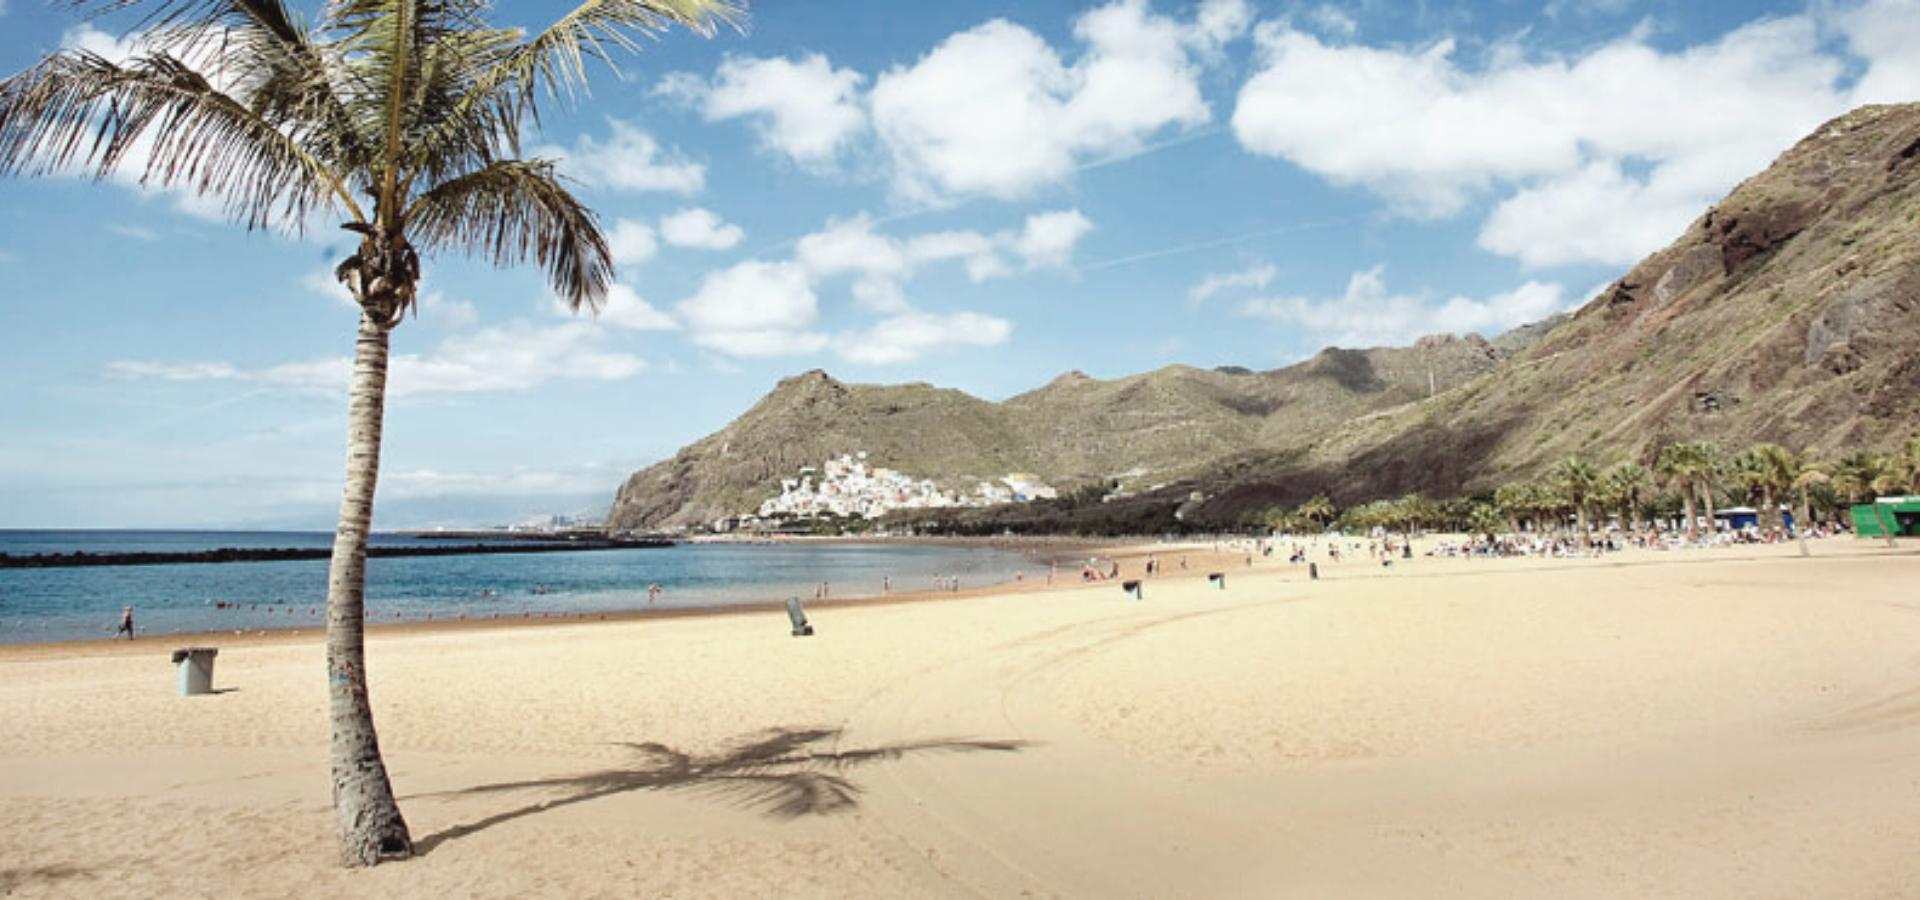 S/C de Tenerife-San Andrés